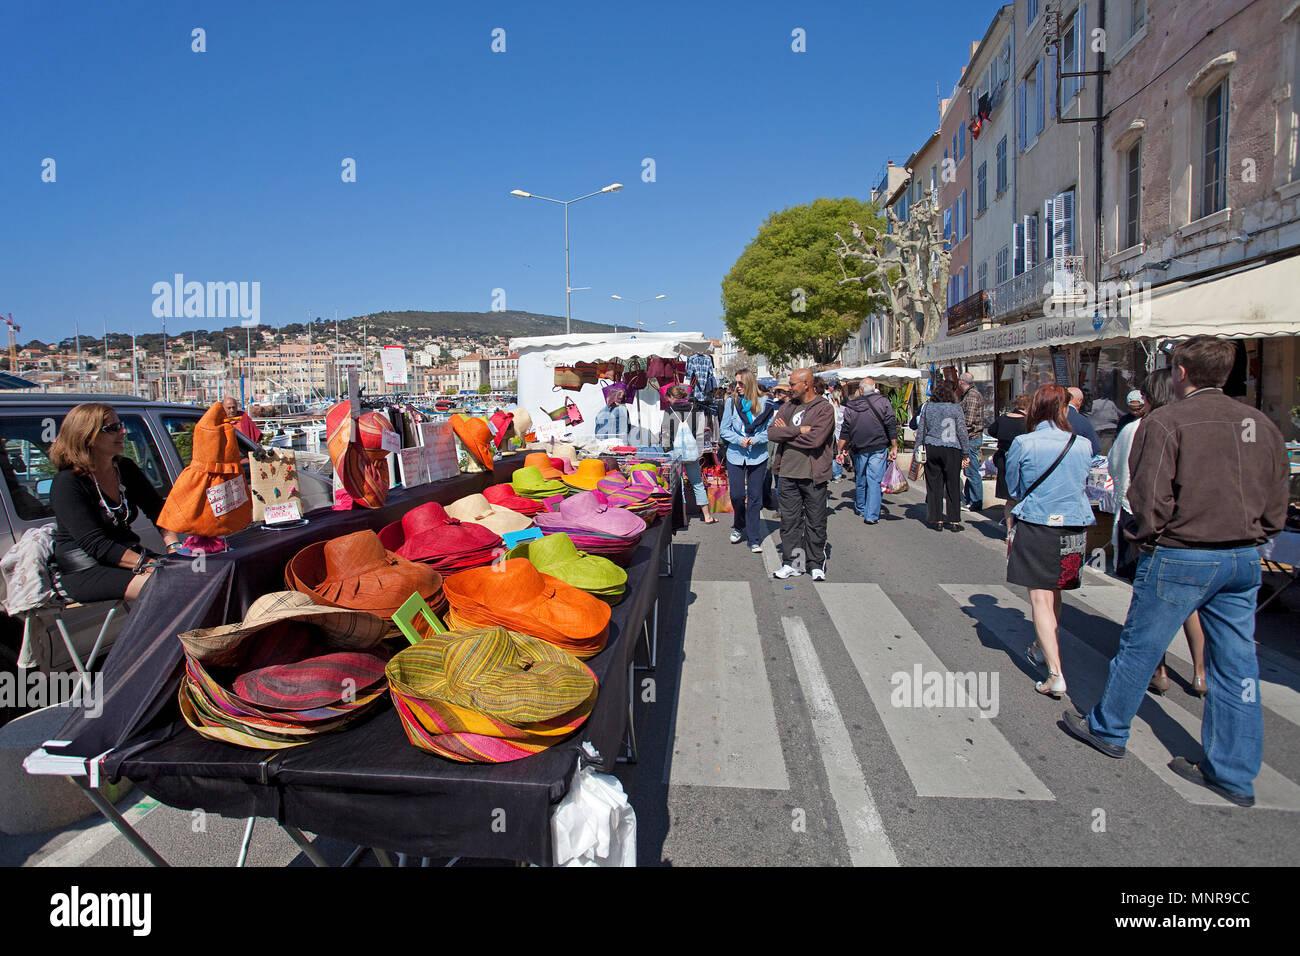 Street market a harbour of La Ciotat, Bouches-du-Rhone, Provence-Alpes-Côte d'Azur, South France, France, Europe Stock Photo